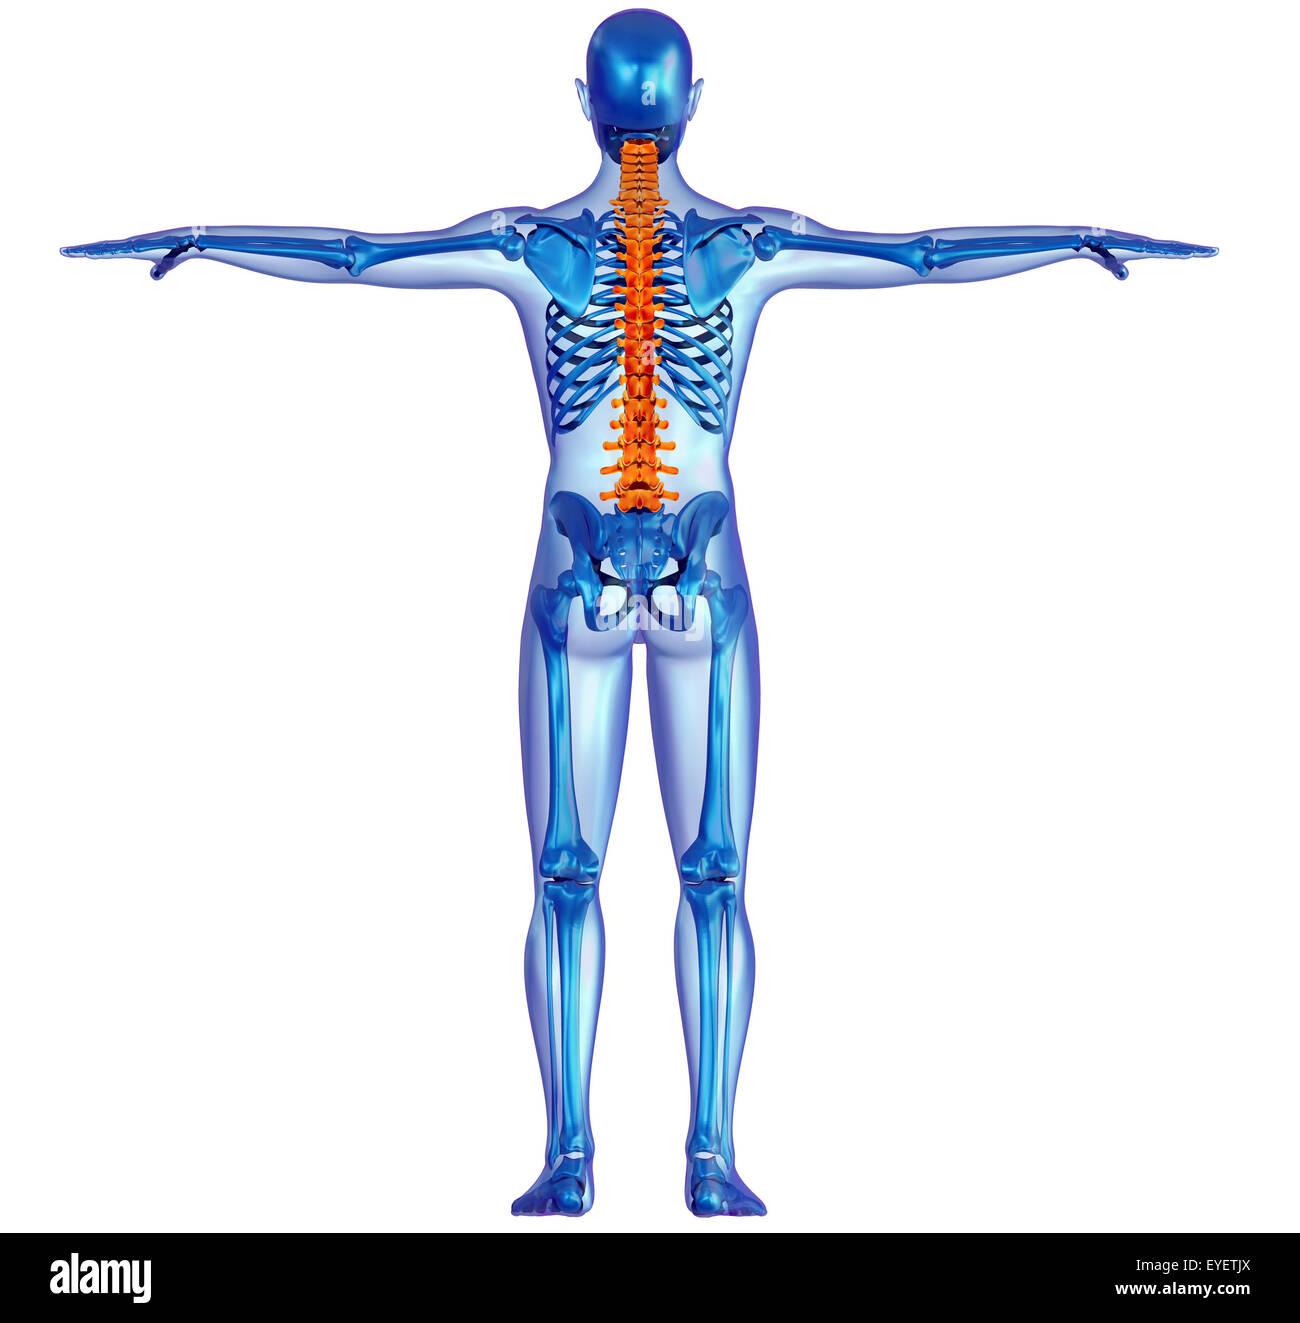 Rückseitige Ansicht x-ray einen menschlichen Körper und Skelett mit ...